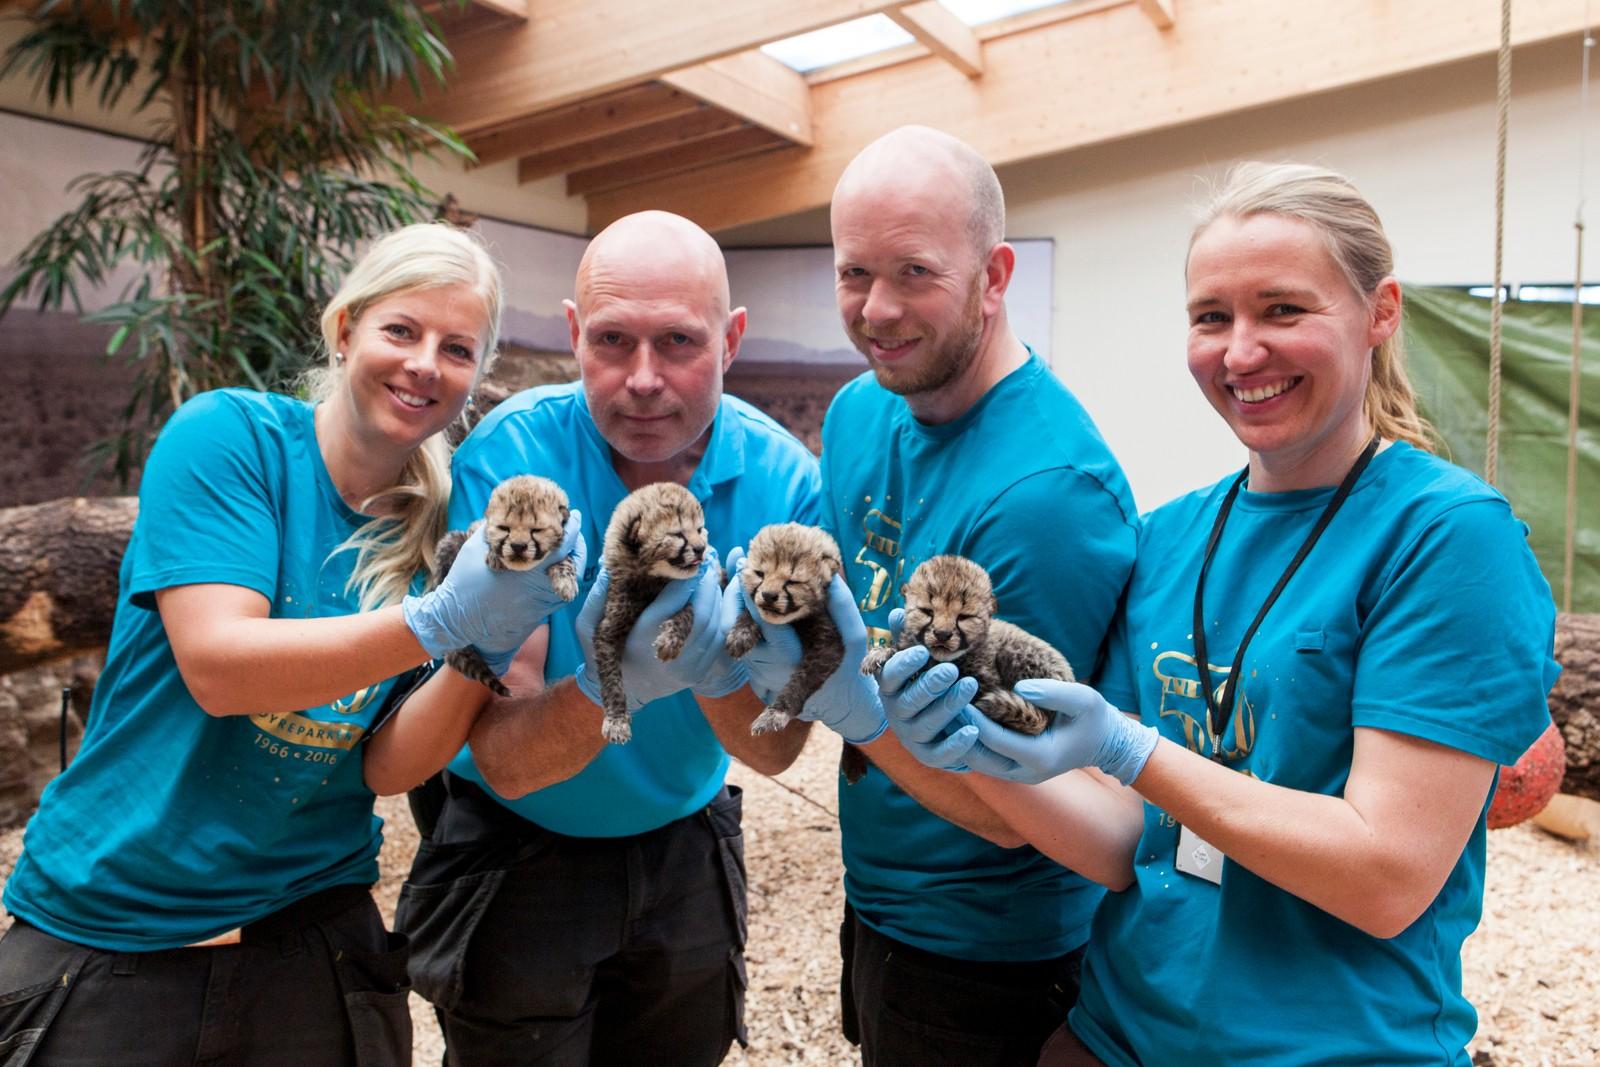 Dyrepasserne som skal jobbe med gepardene fremover Lisbeth Langevold, Olav Åsland, Trygve Torkildsen og Monica Wiig.